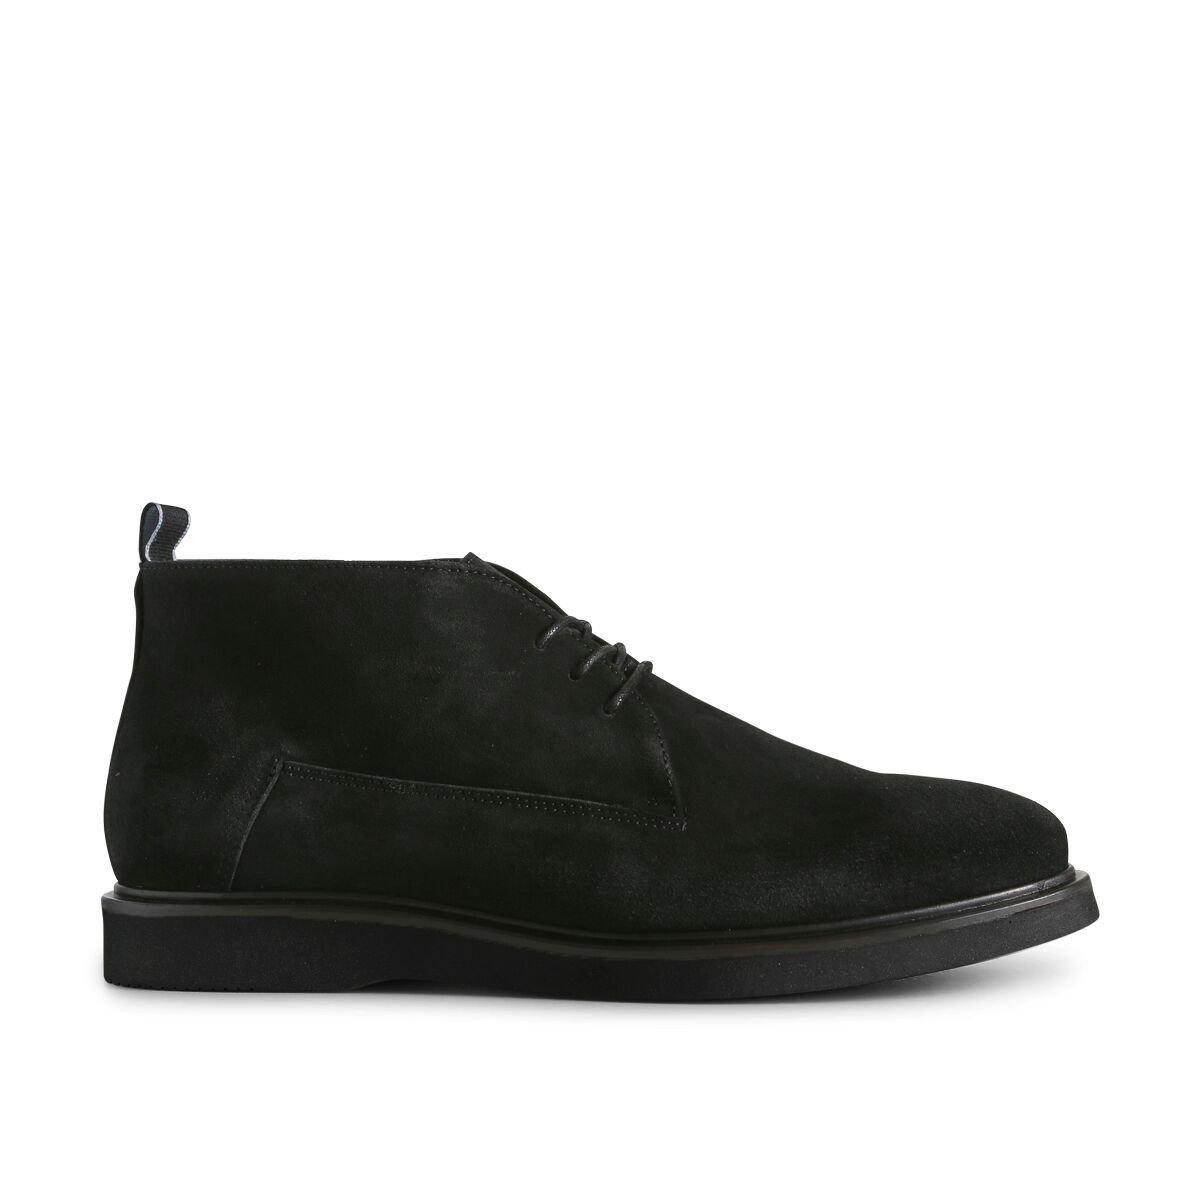 Schuhe The Bear Herren Monty S Klassische Stiefel